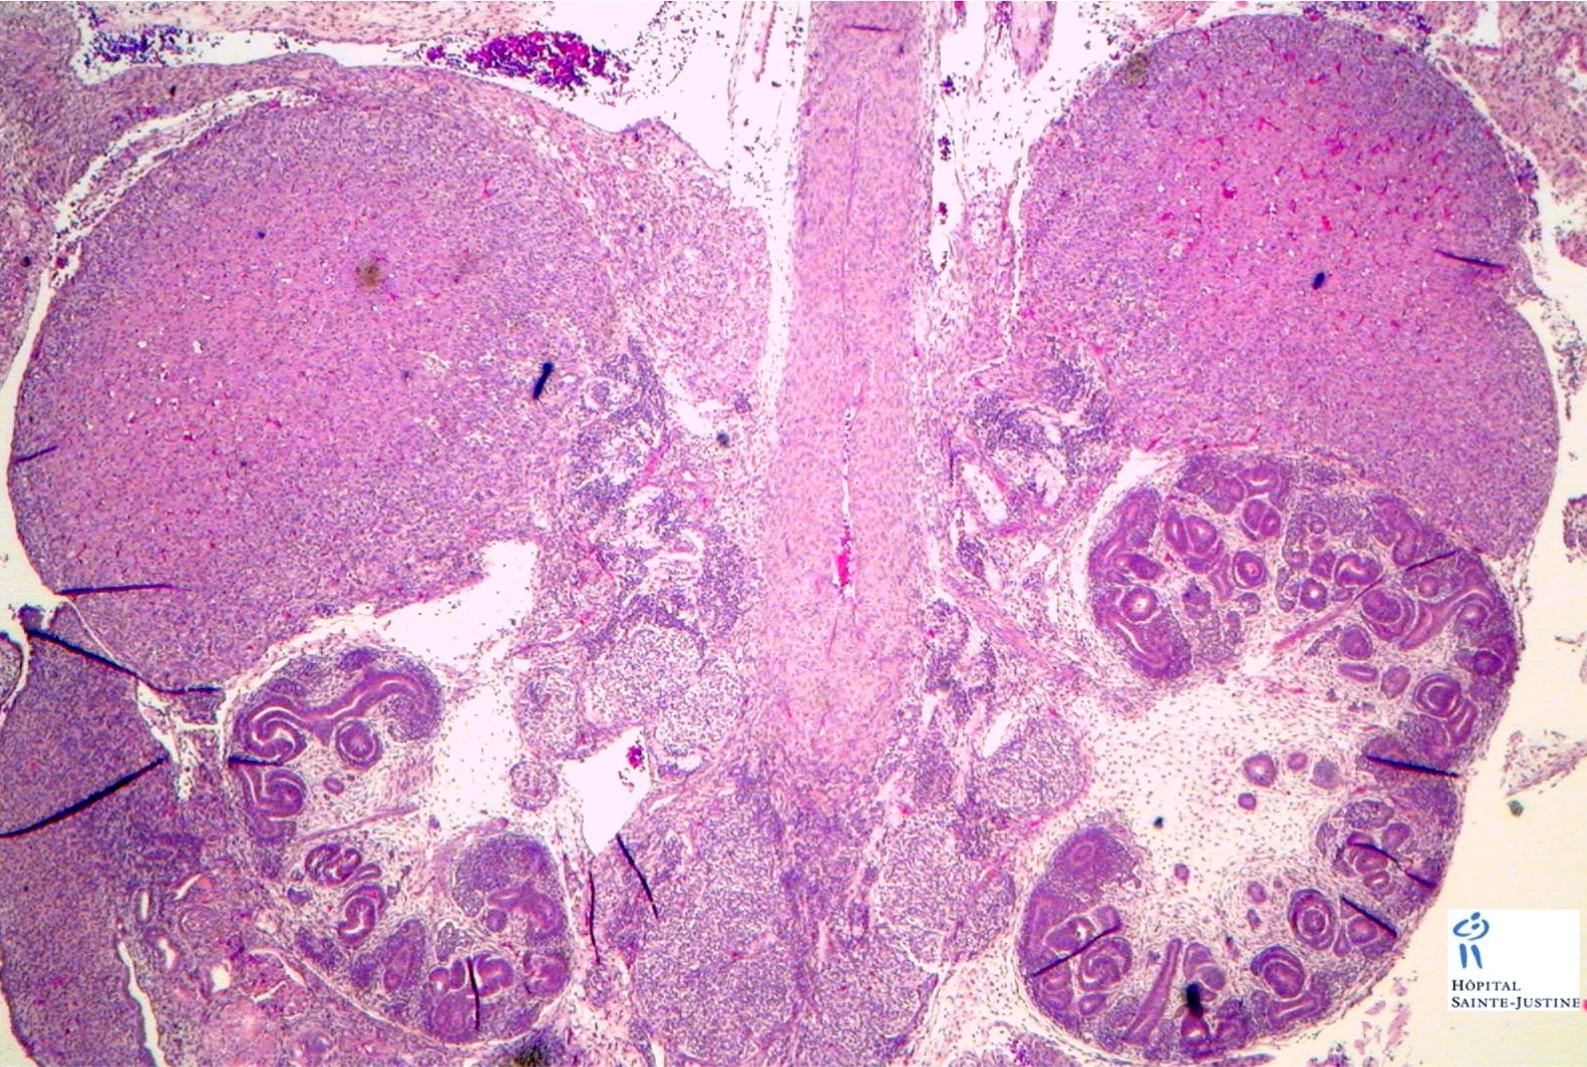 Fetal Adrenals